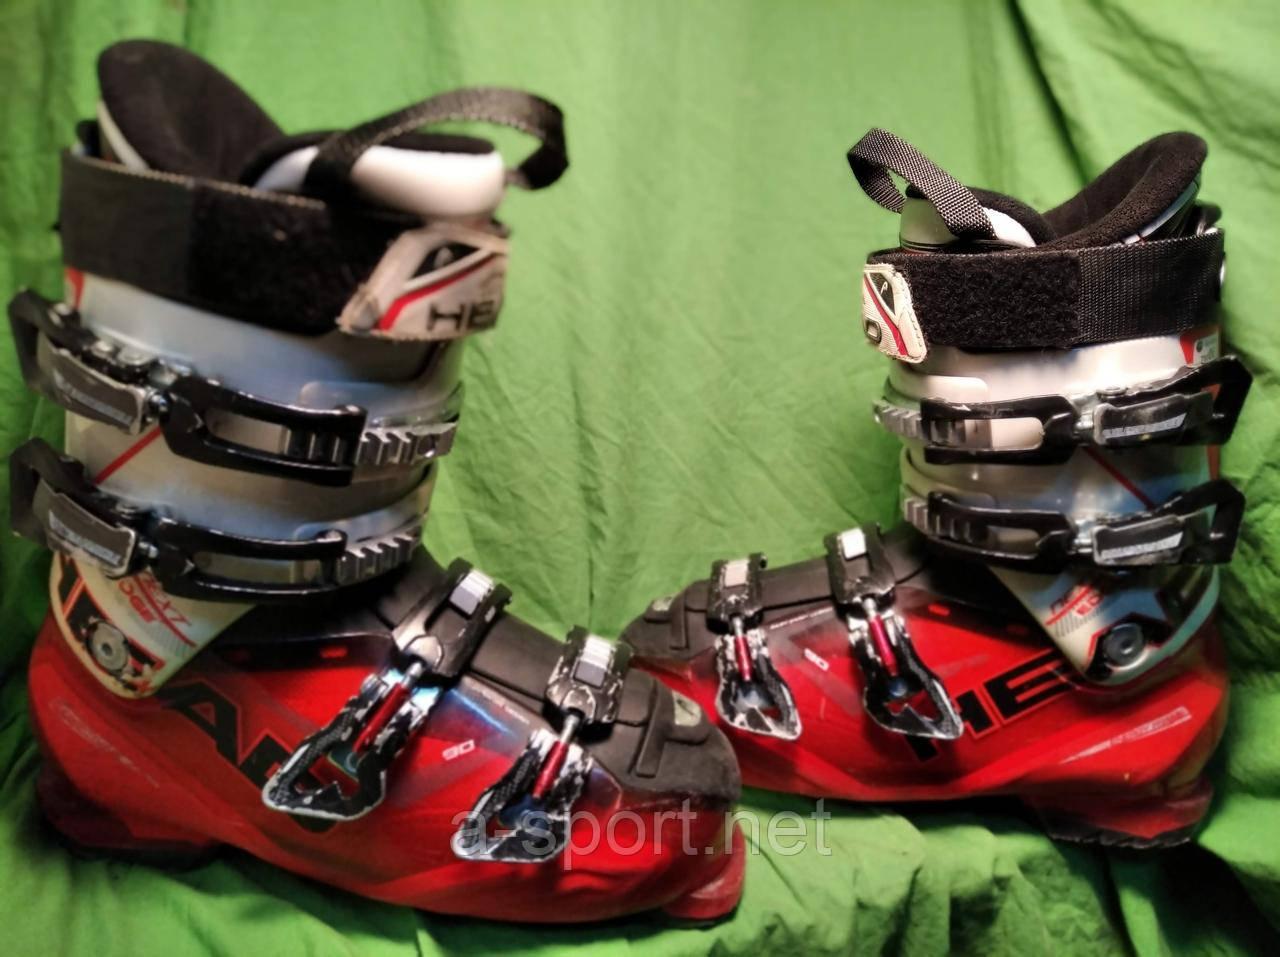 Гірськолижні черевики Head Nex Edge r90 28.5 см